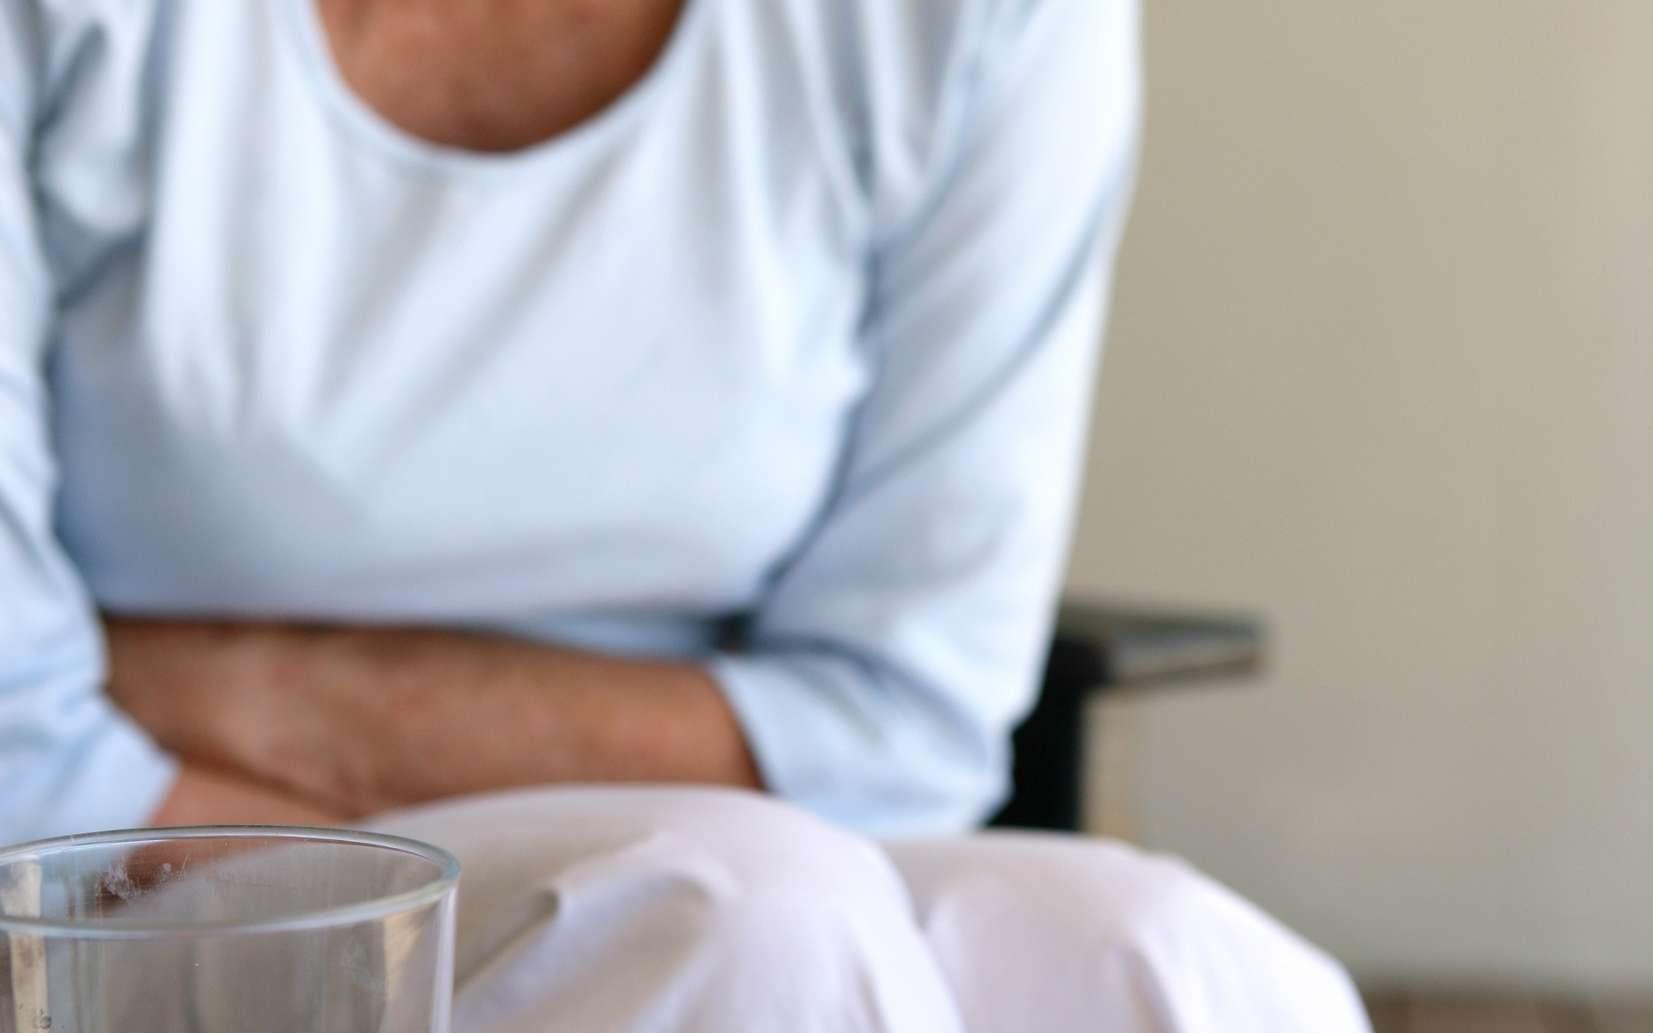 Les fosfomycines permettent de traiter de nombreuses infections urinaires. © Phovoir